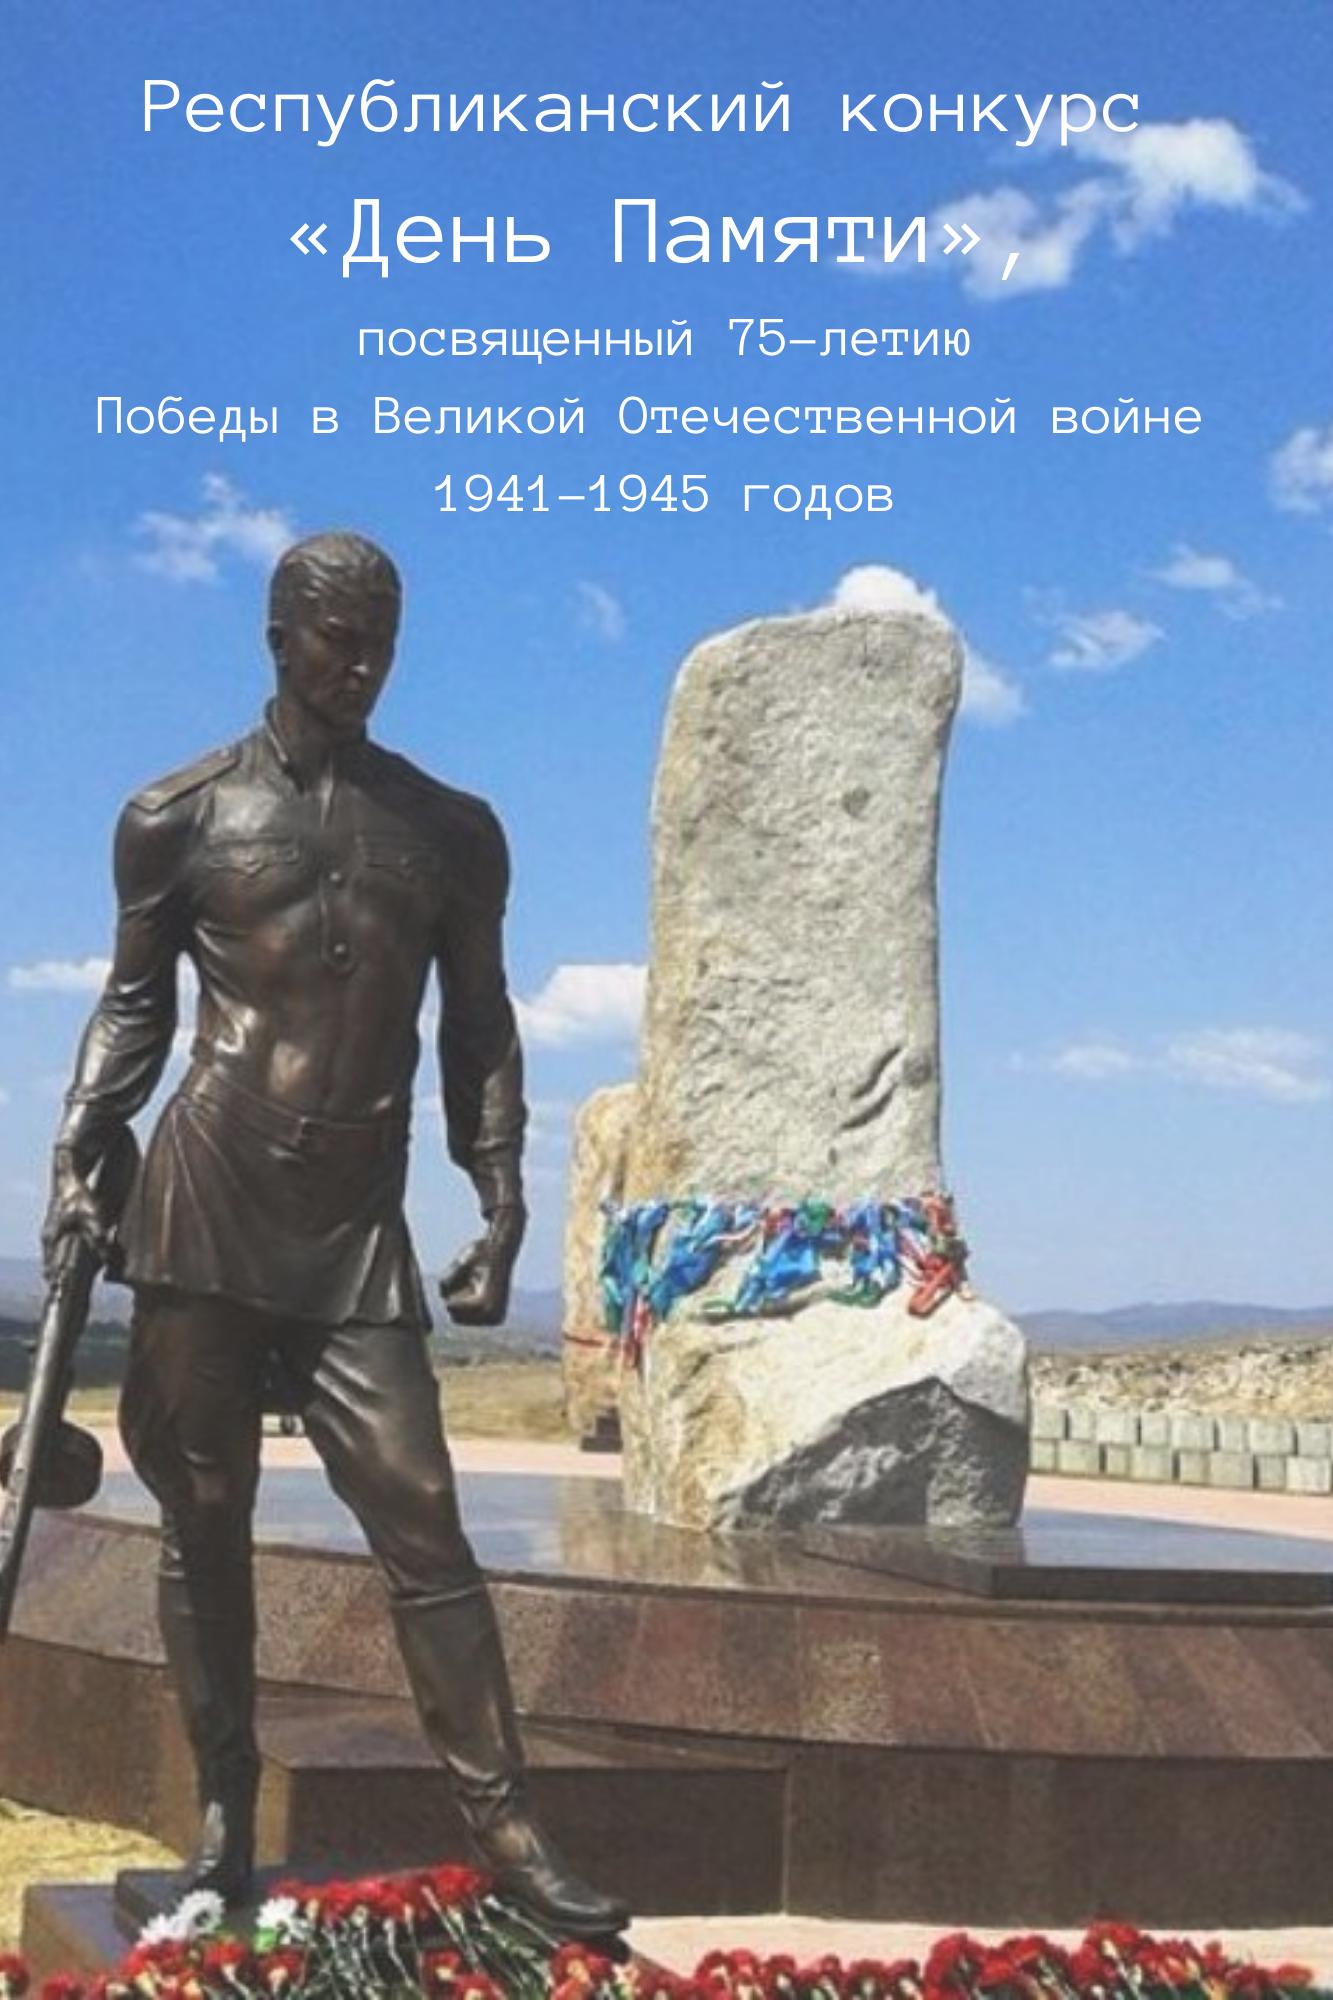 Республиканский конкурс «День Памяти», посвященный 75-летию Победы  в Великой Отечественной войне 1941-1945 годов